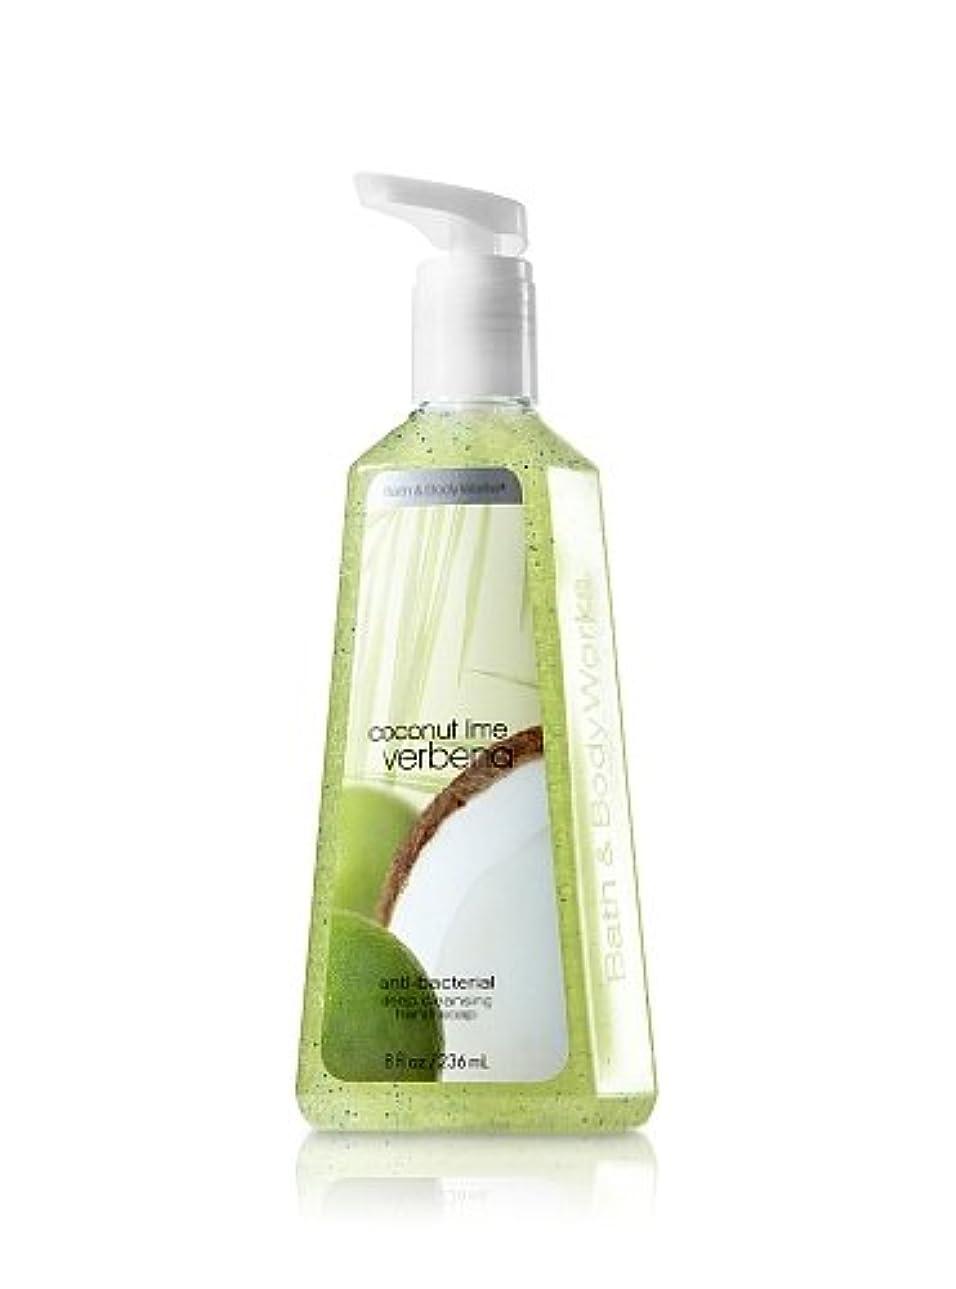 収束豆キロメートルバス&ボディワークス ココナッツライムバーベナ ディープクレンジングハンドソープ Coconut Lime Verbena Deep Cleansing Hand Soap [海外直送品]